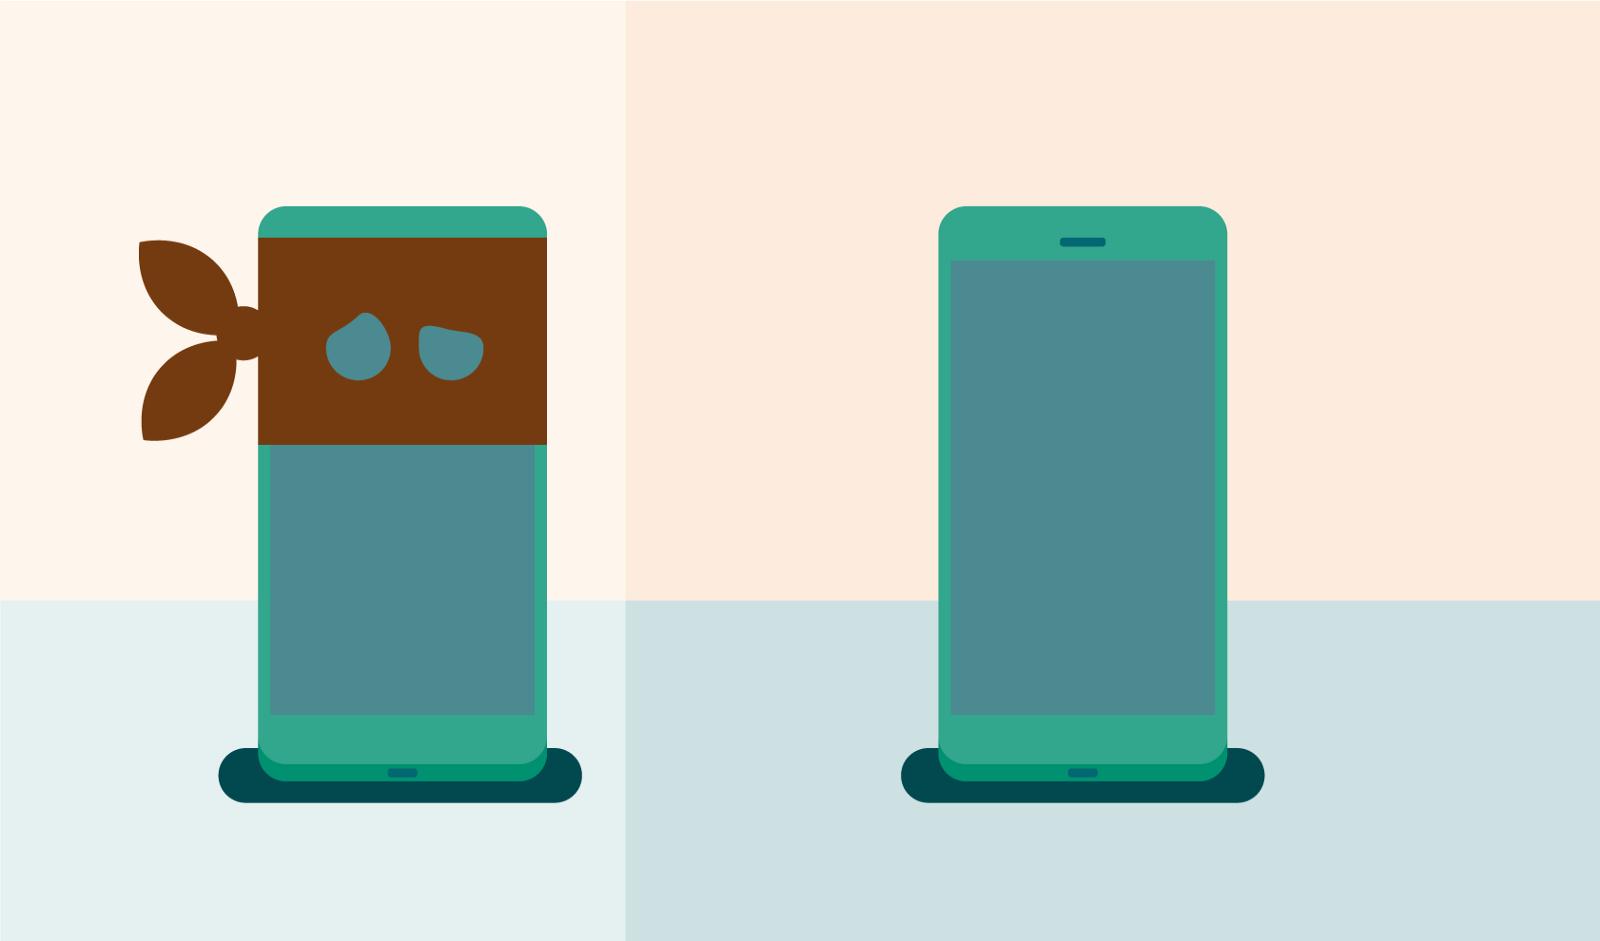 L'IMEI del tuo cellulare è duplicato [Come risolverlo] 2